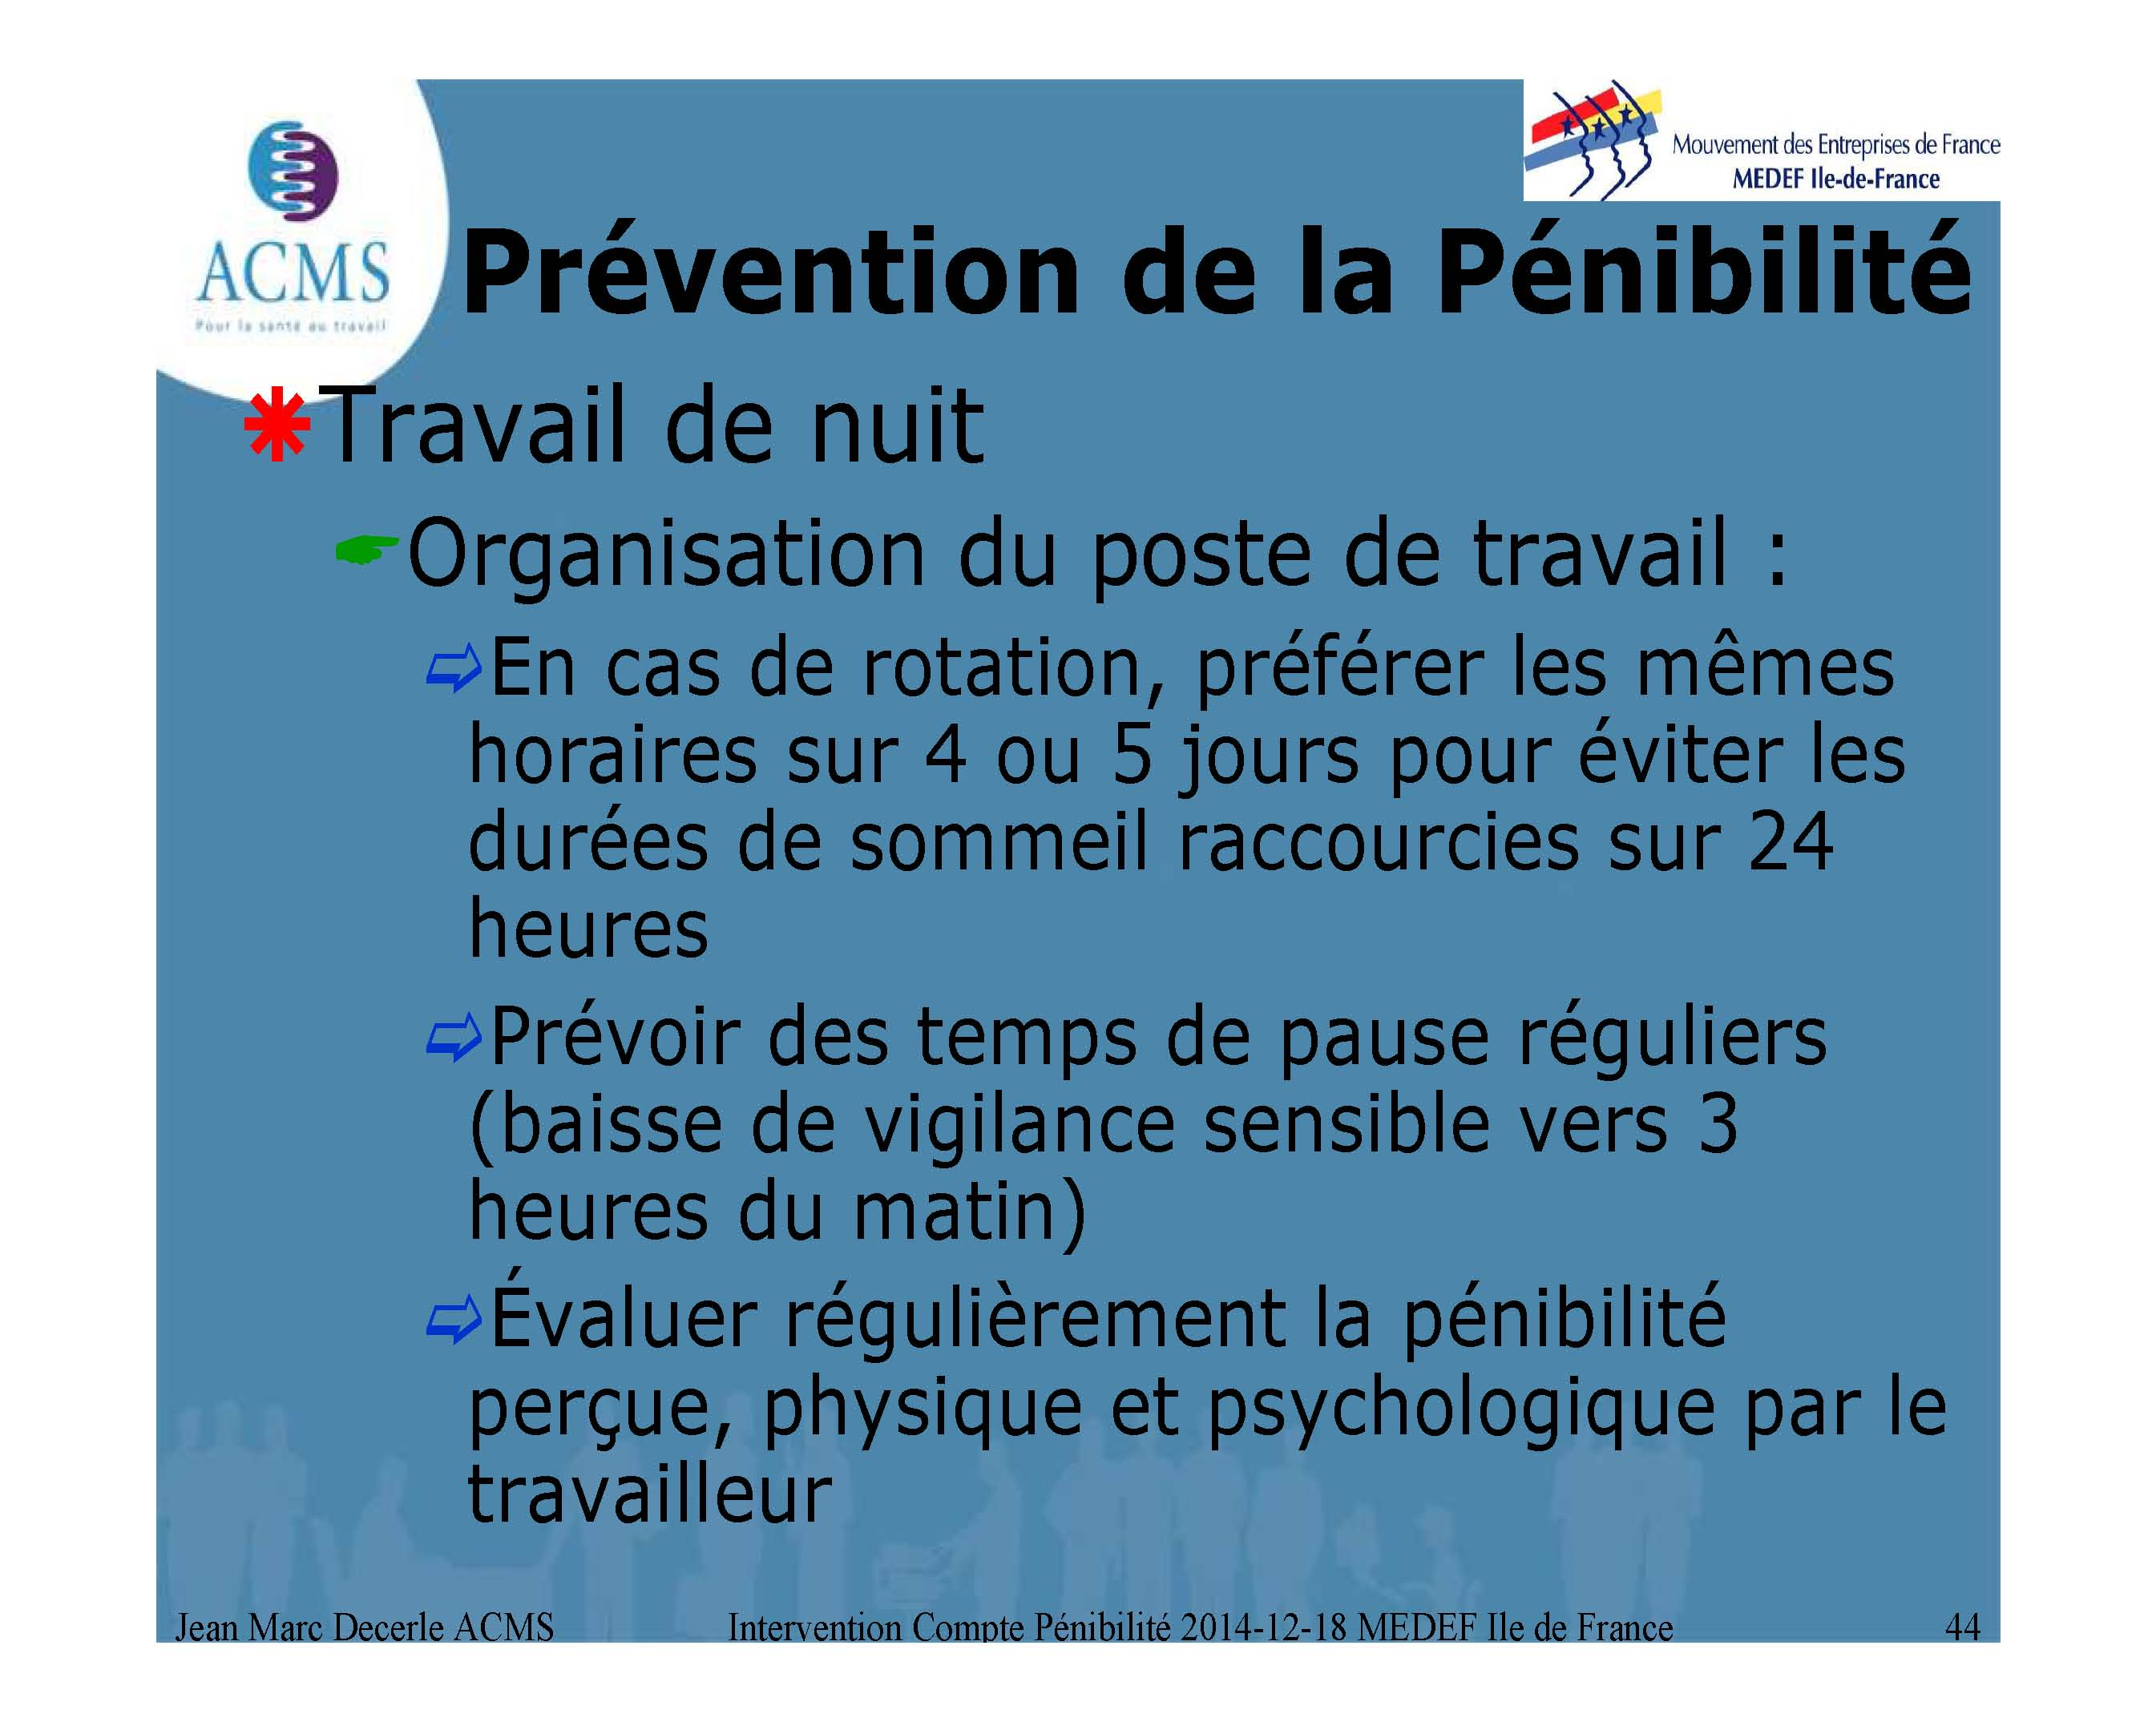 2014-12-18 Compte Pénibilite MEDEF Ile de France_Page_44